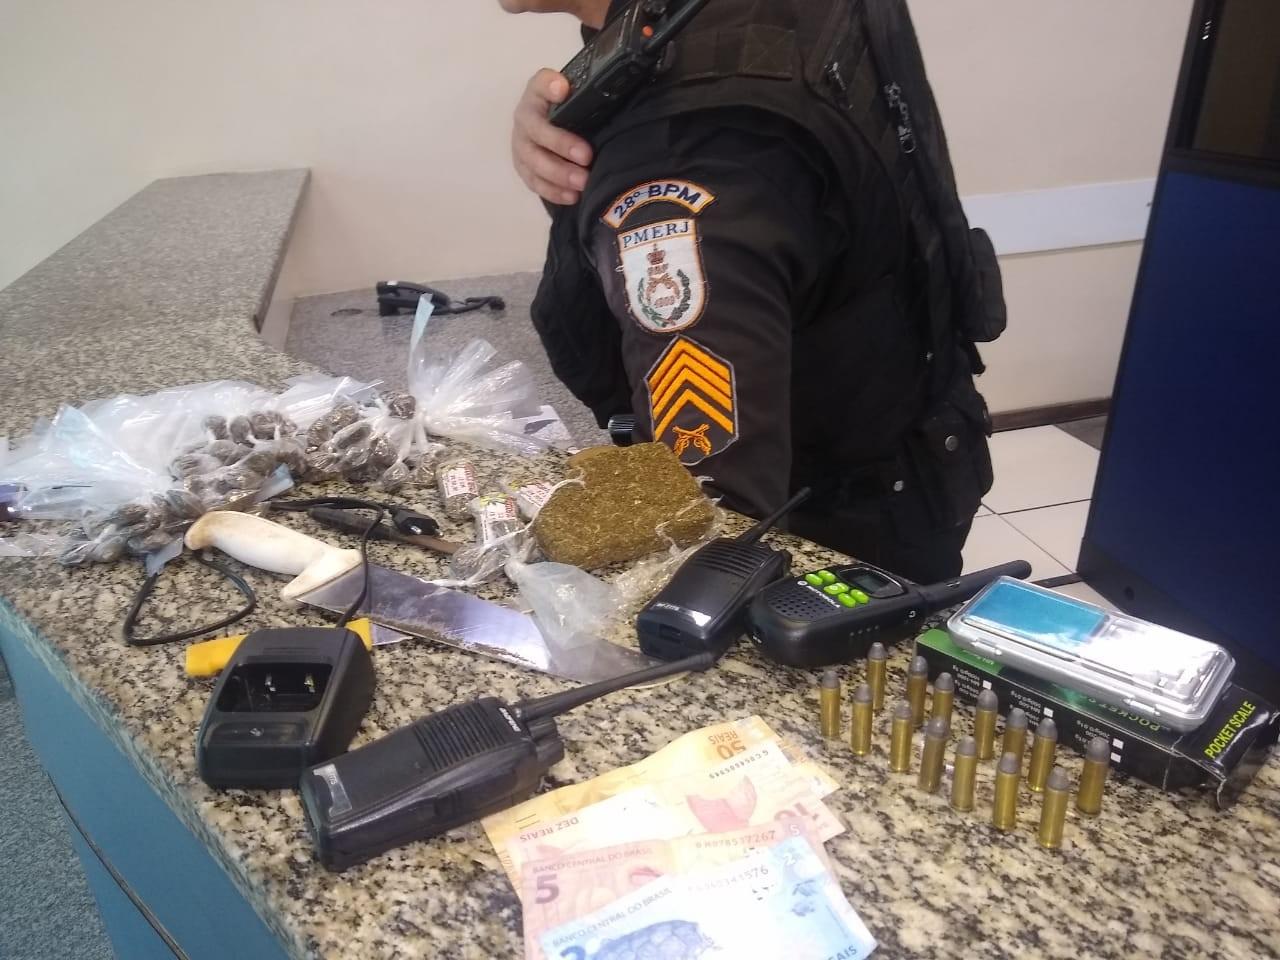 Suspeito é preso por tráfico após ser flagrado vendendo drogas em Barra Mansa - Notícias - Plantão Diário